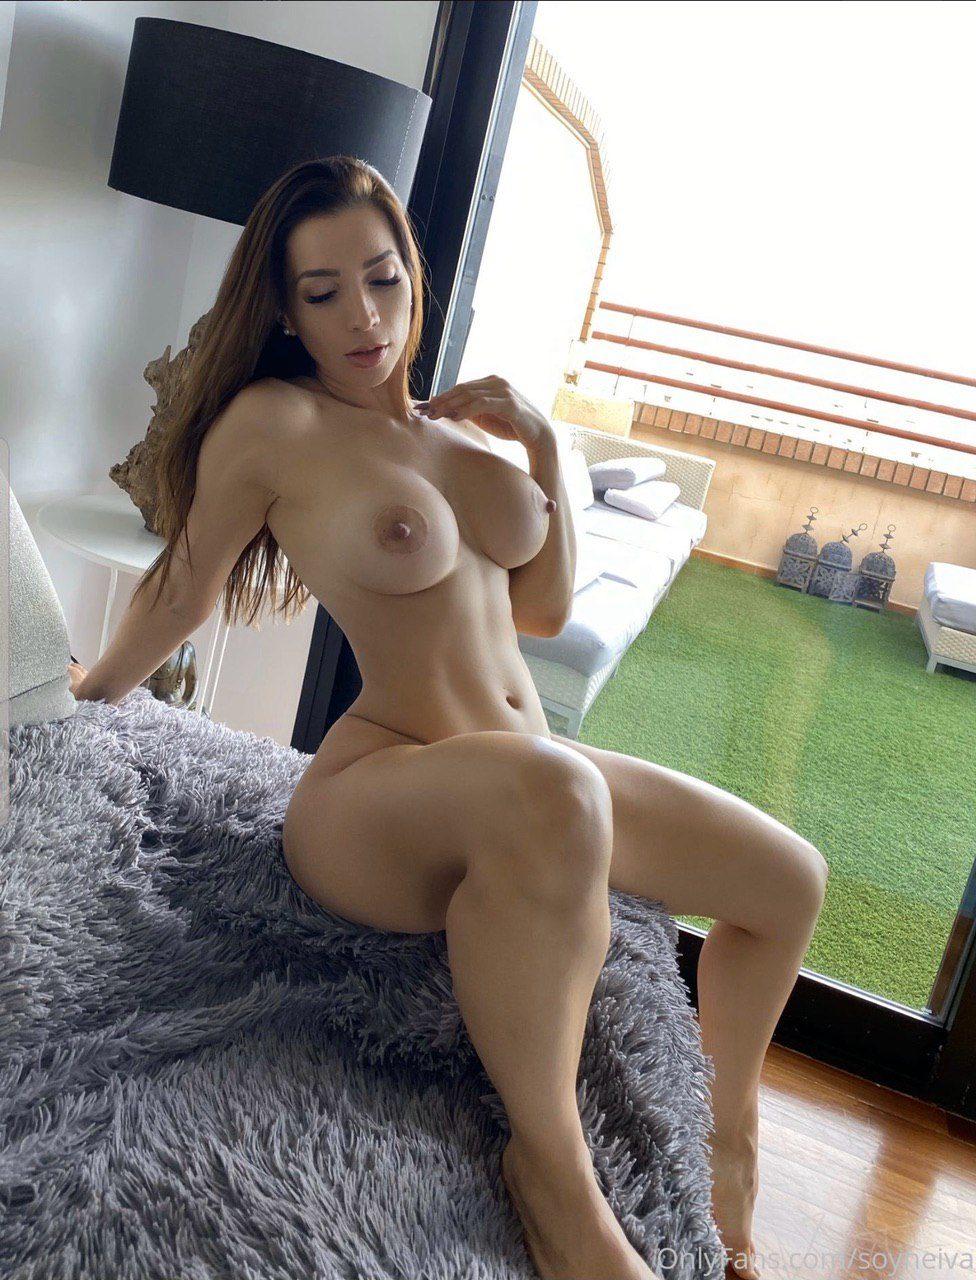 Neiva Mara Soyneiva Onlyfans Nudes Leaks 0020